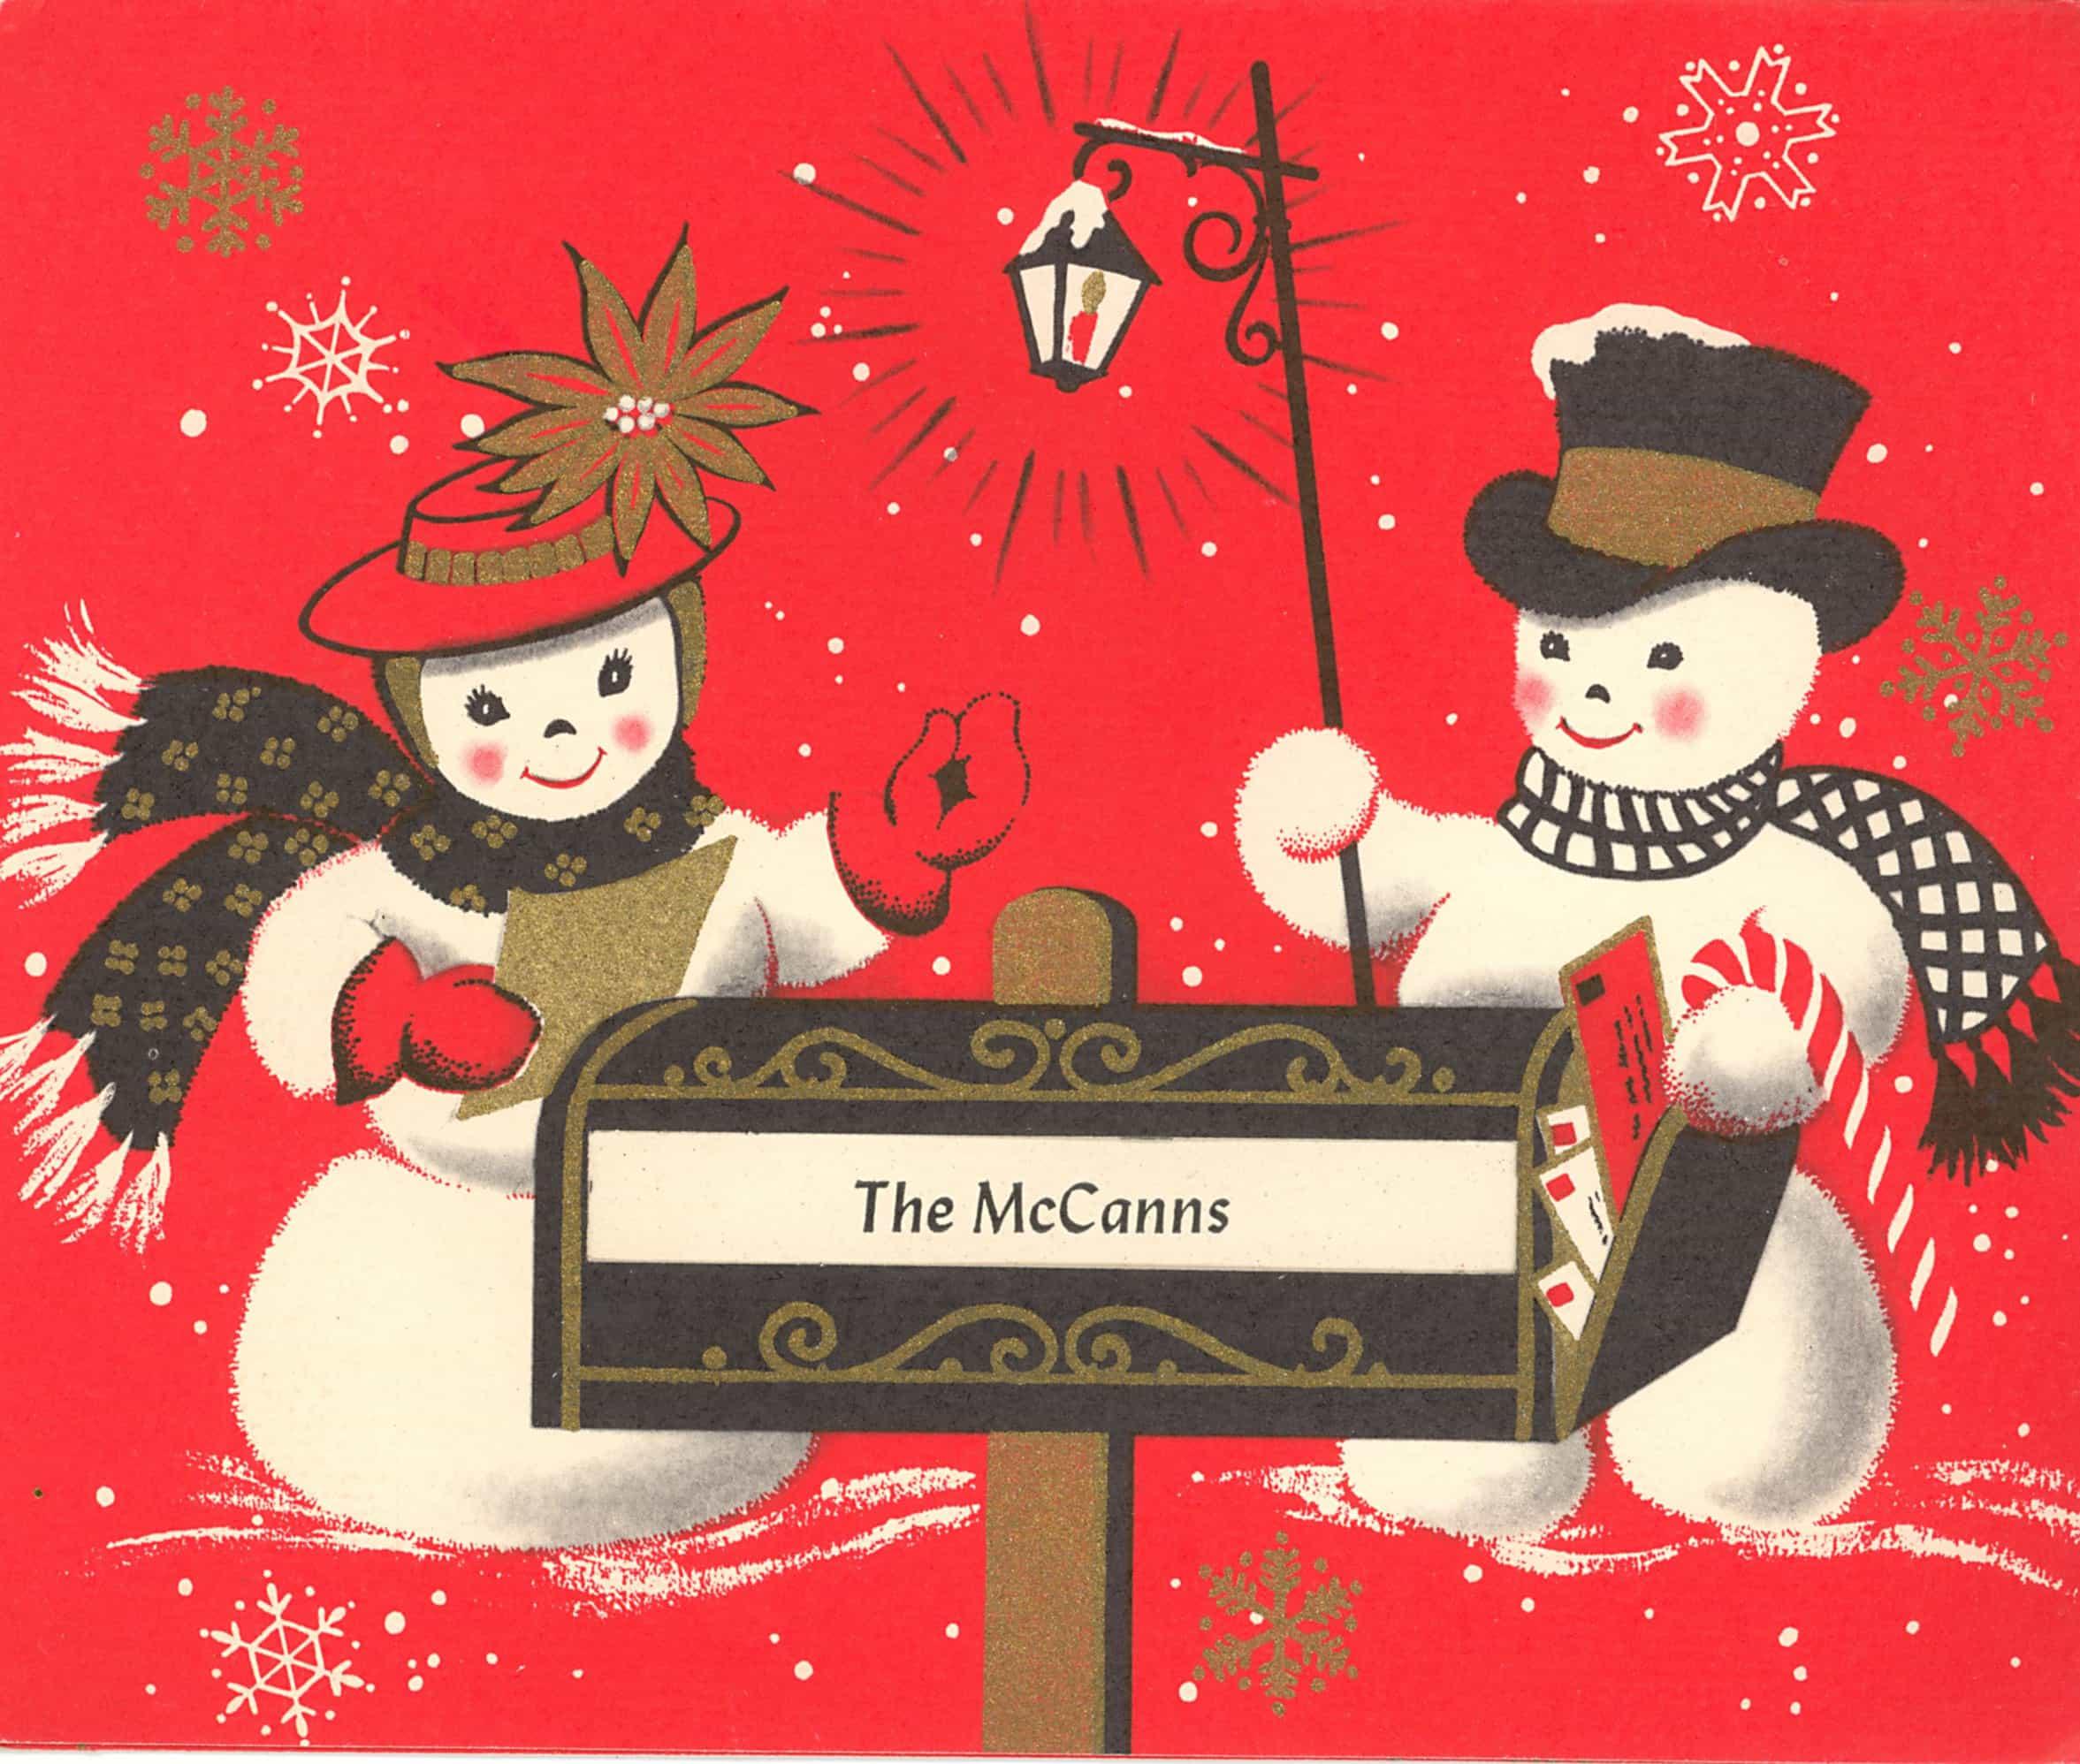 Vintage Christmas Snowman Clipart.